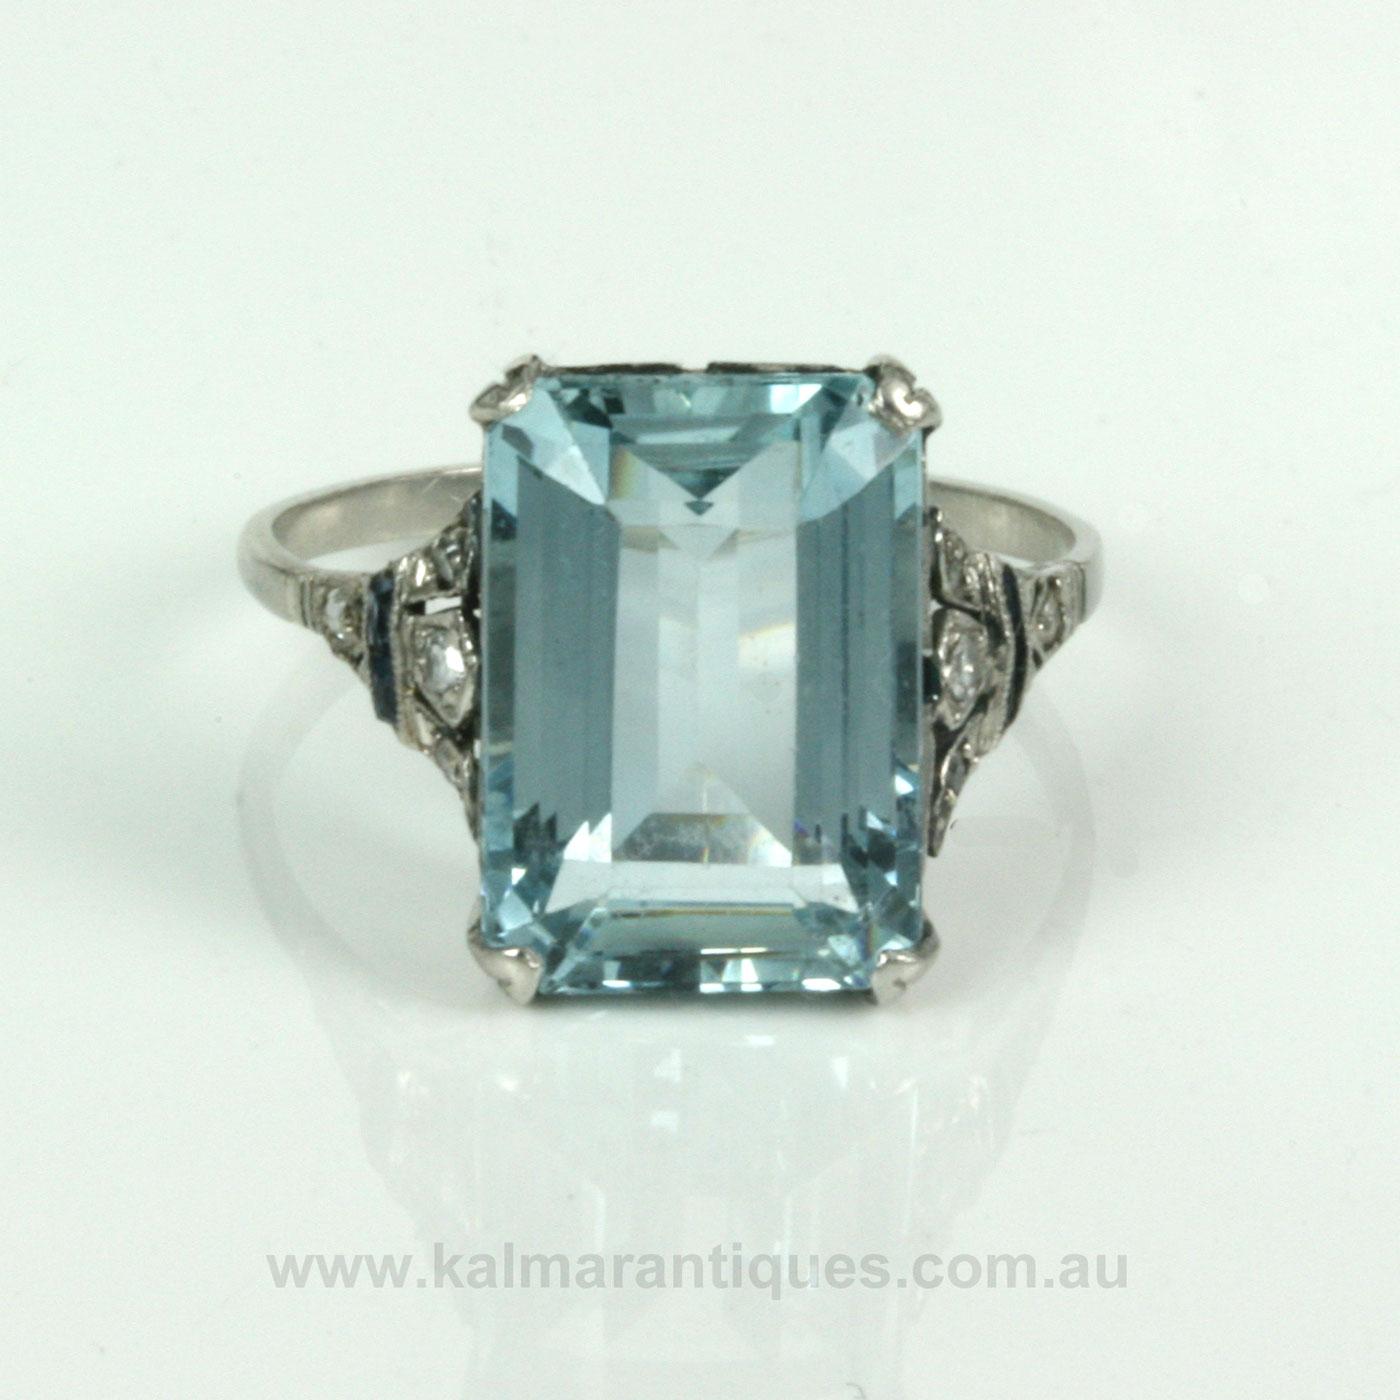 Buy Art Deco Aquamarine Ring In Platinum Sold Items Sold